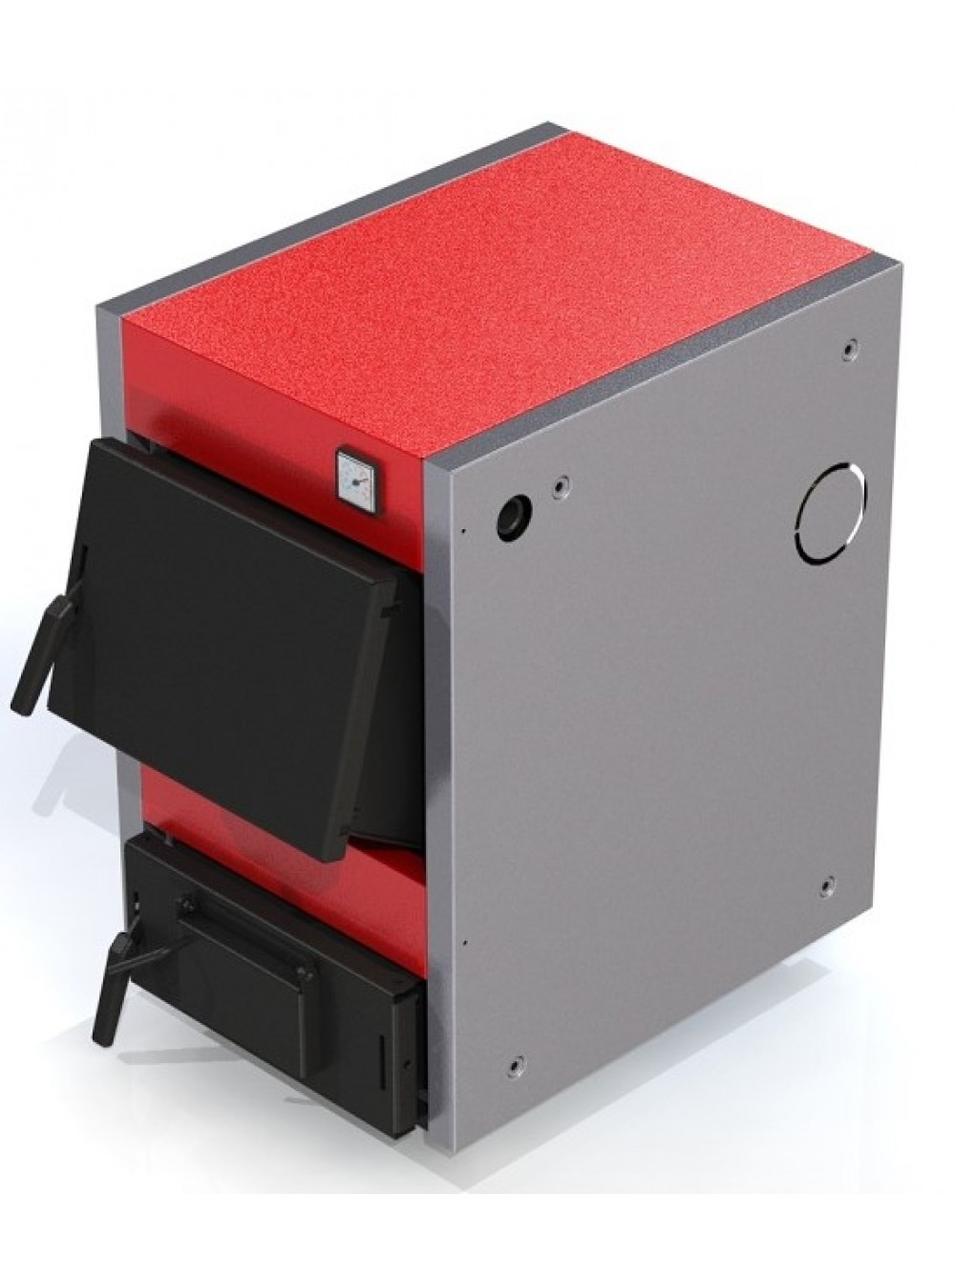 Твердотопливный котел ProTech Standard plus ТТ 12 кВт из котловой стали 3 мм с чугунными колосниками